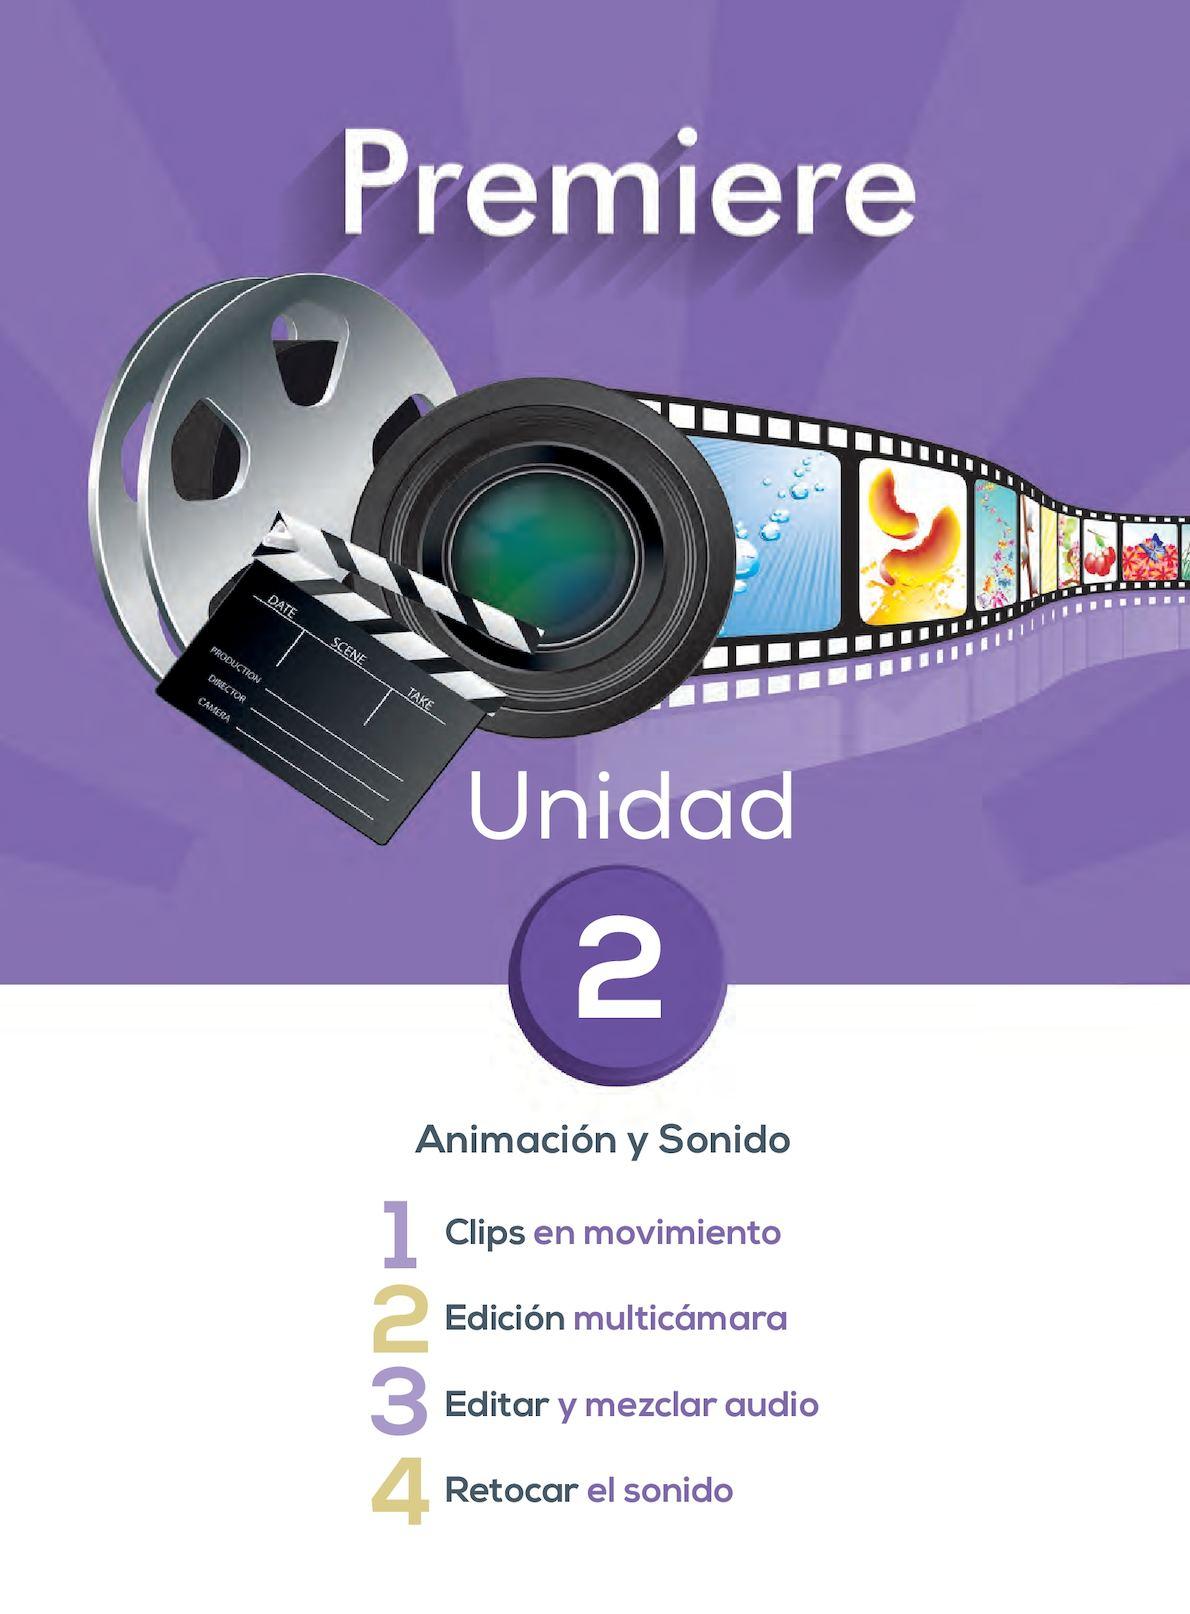 EDI04 Unidad 2 - PREMIERE RED